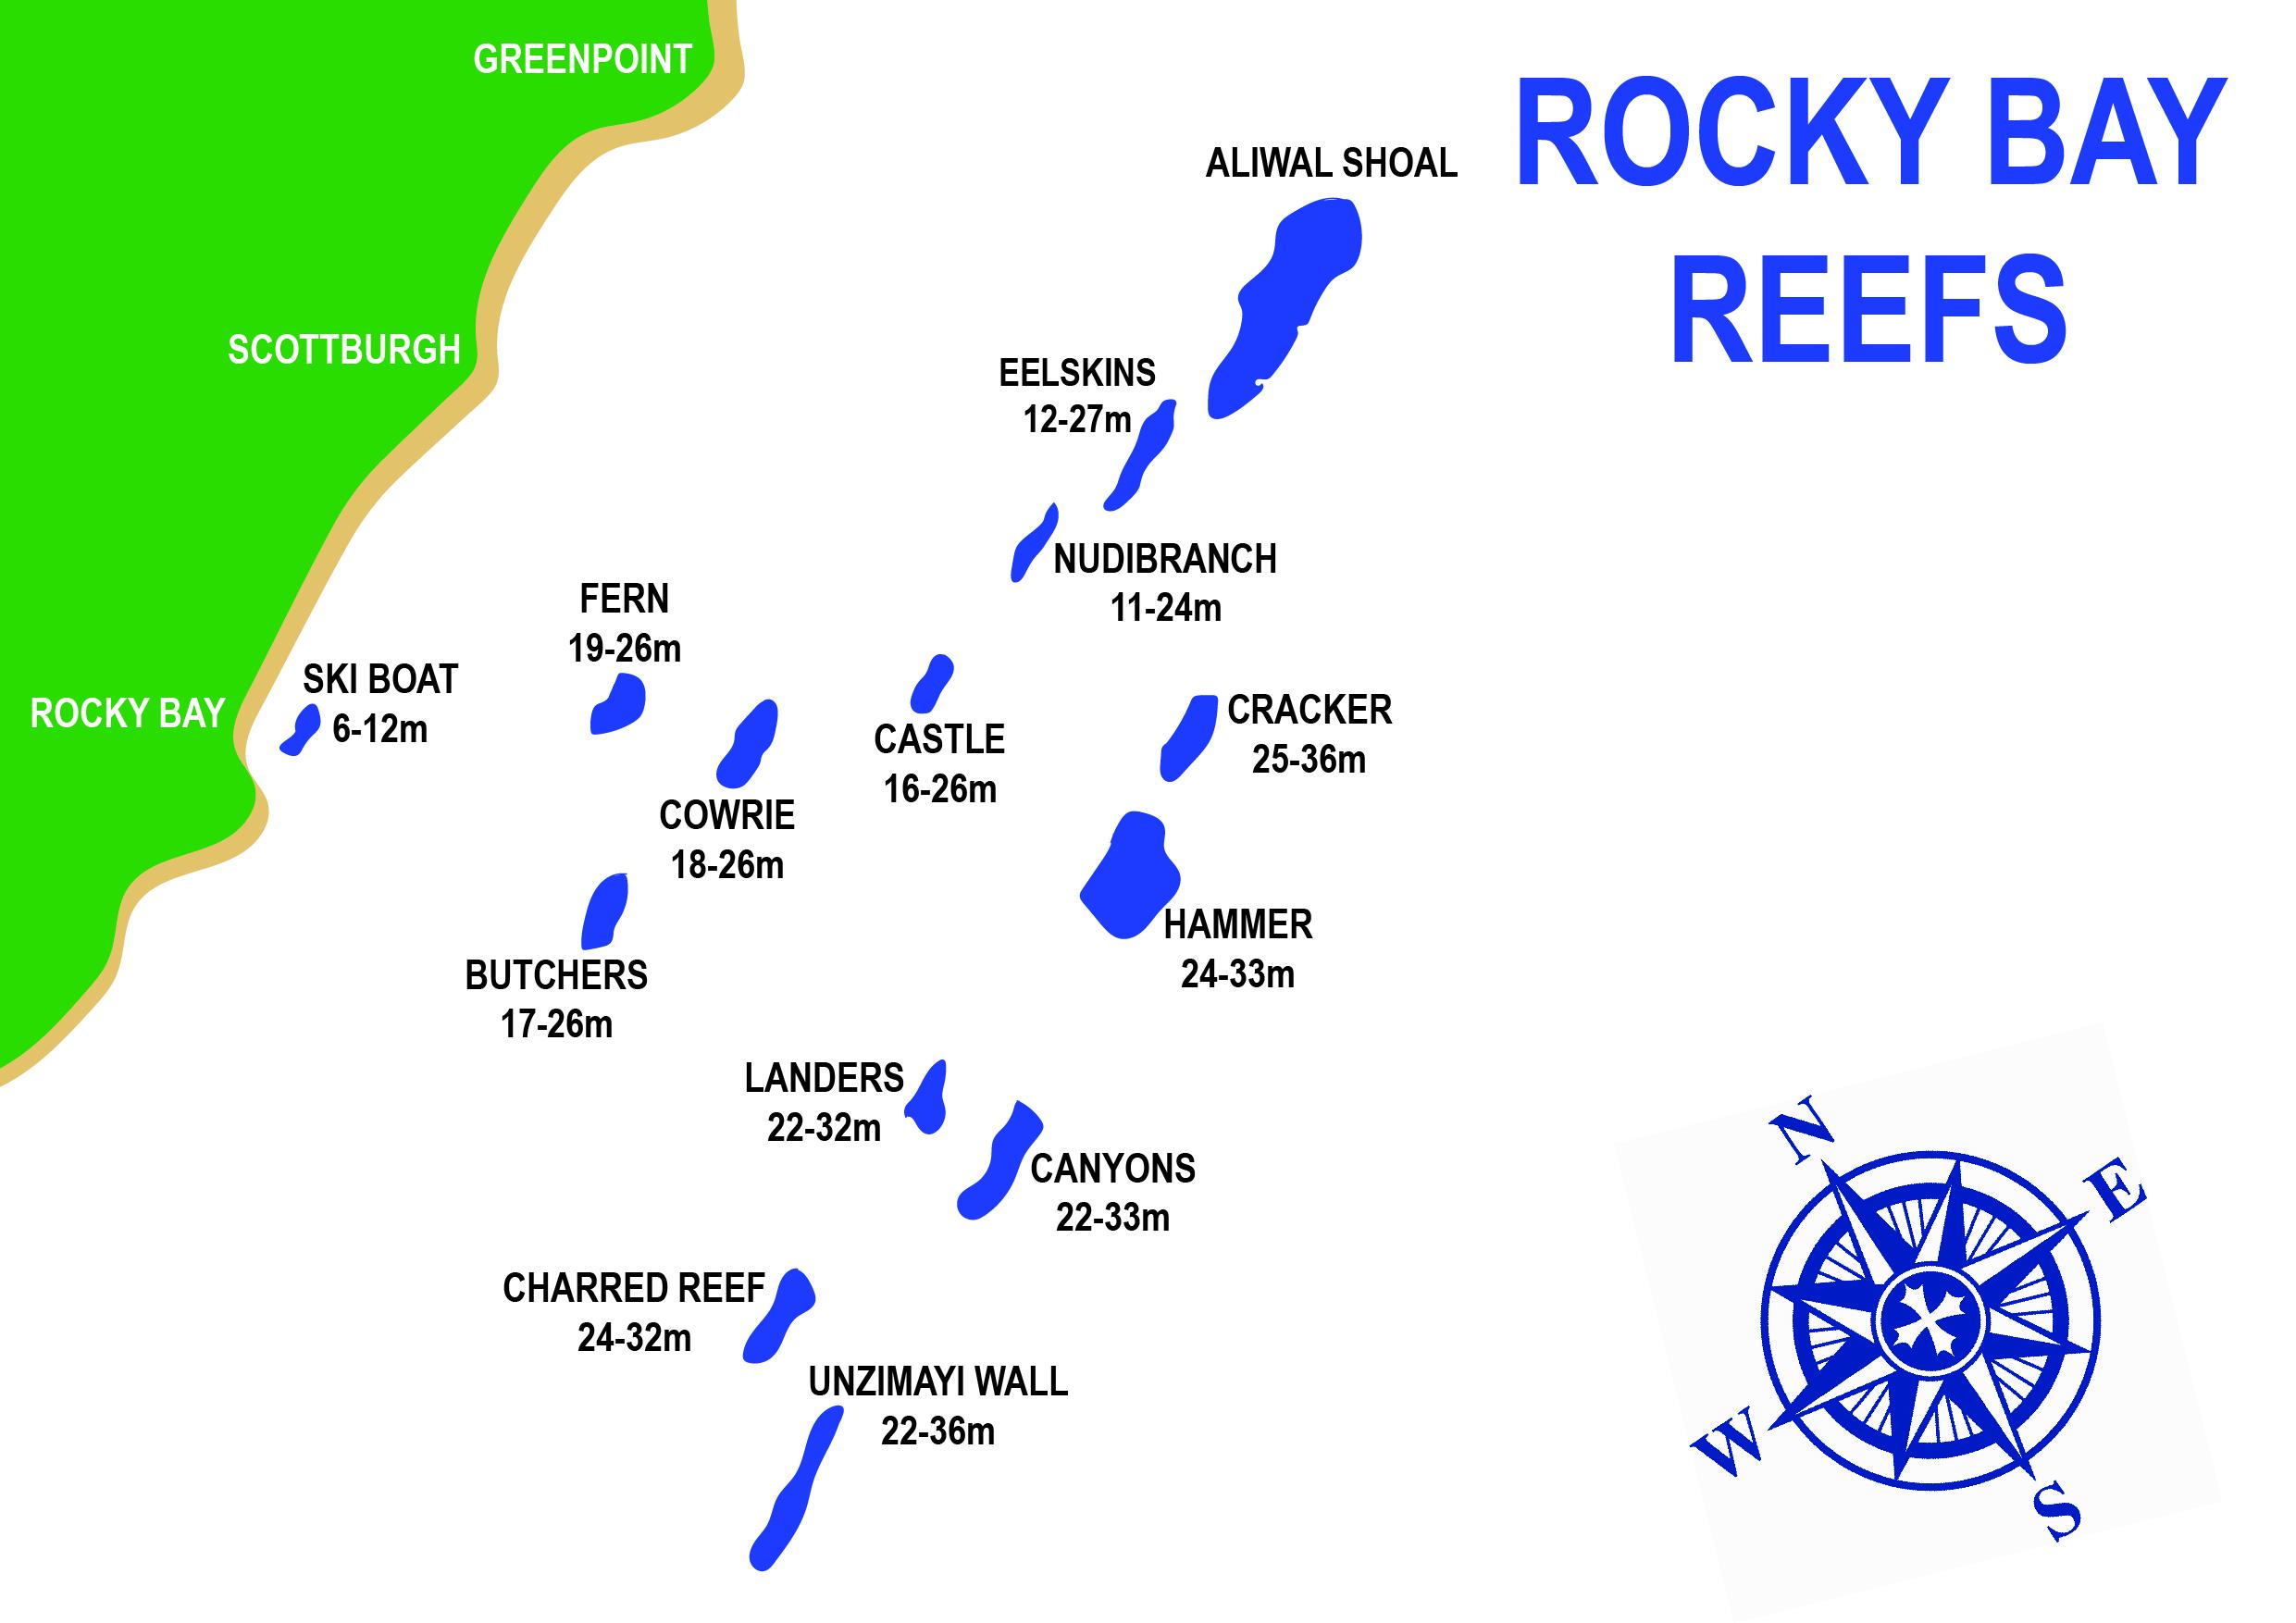 Rocky Bay Reefs